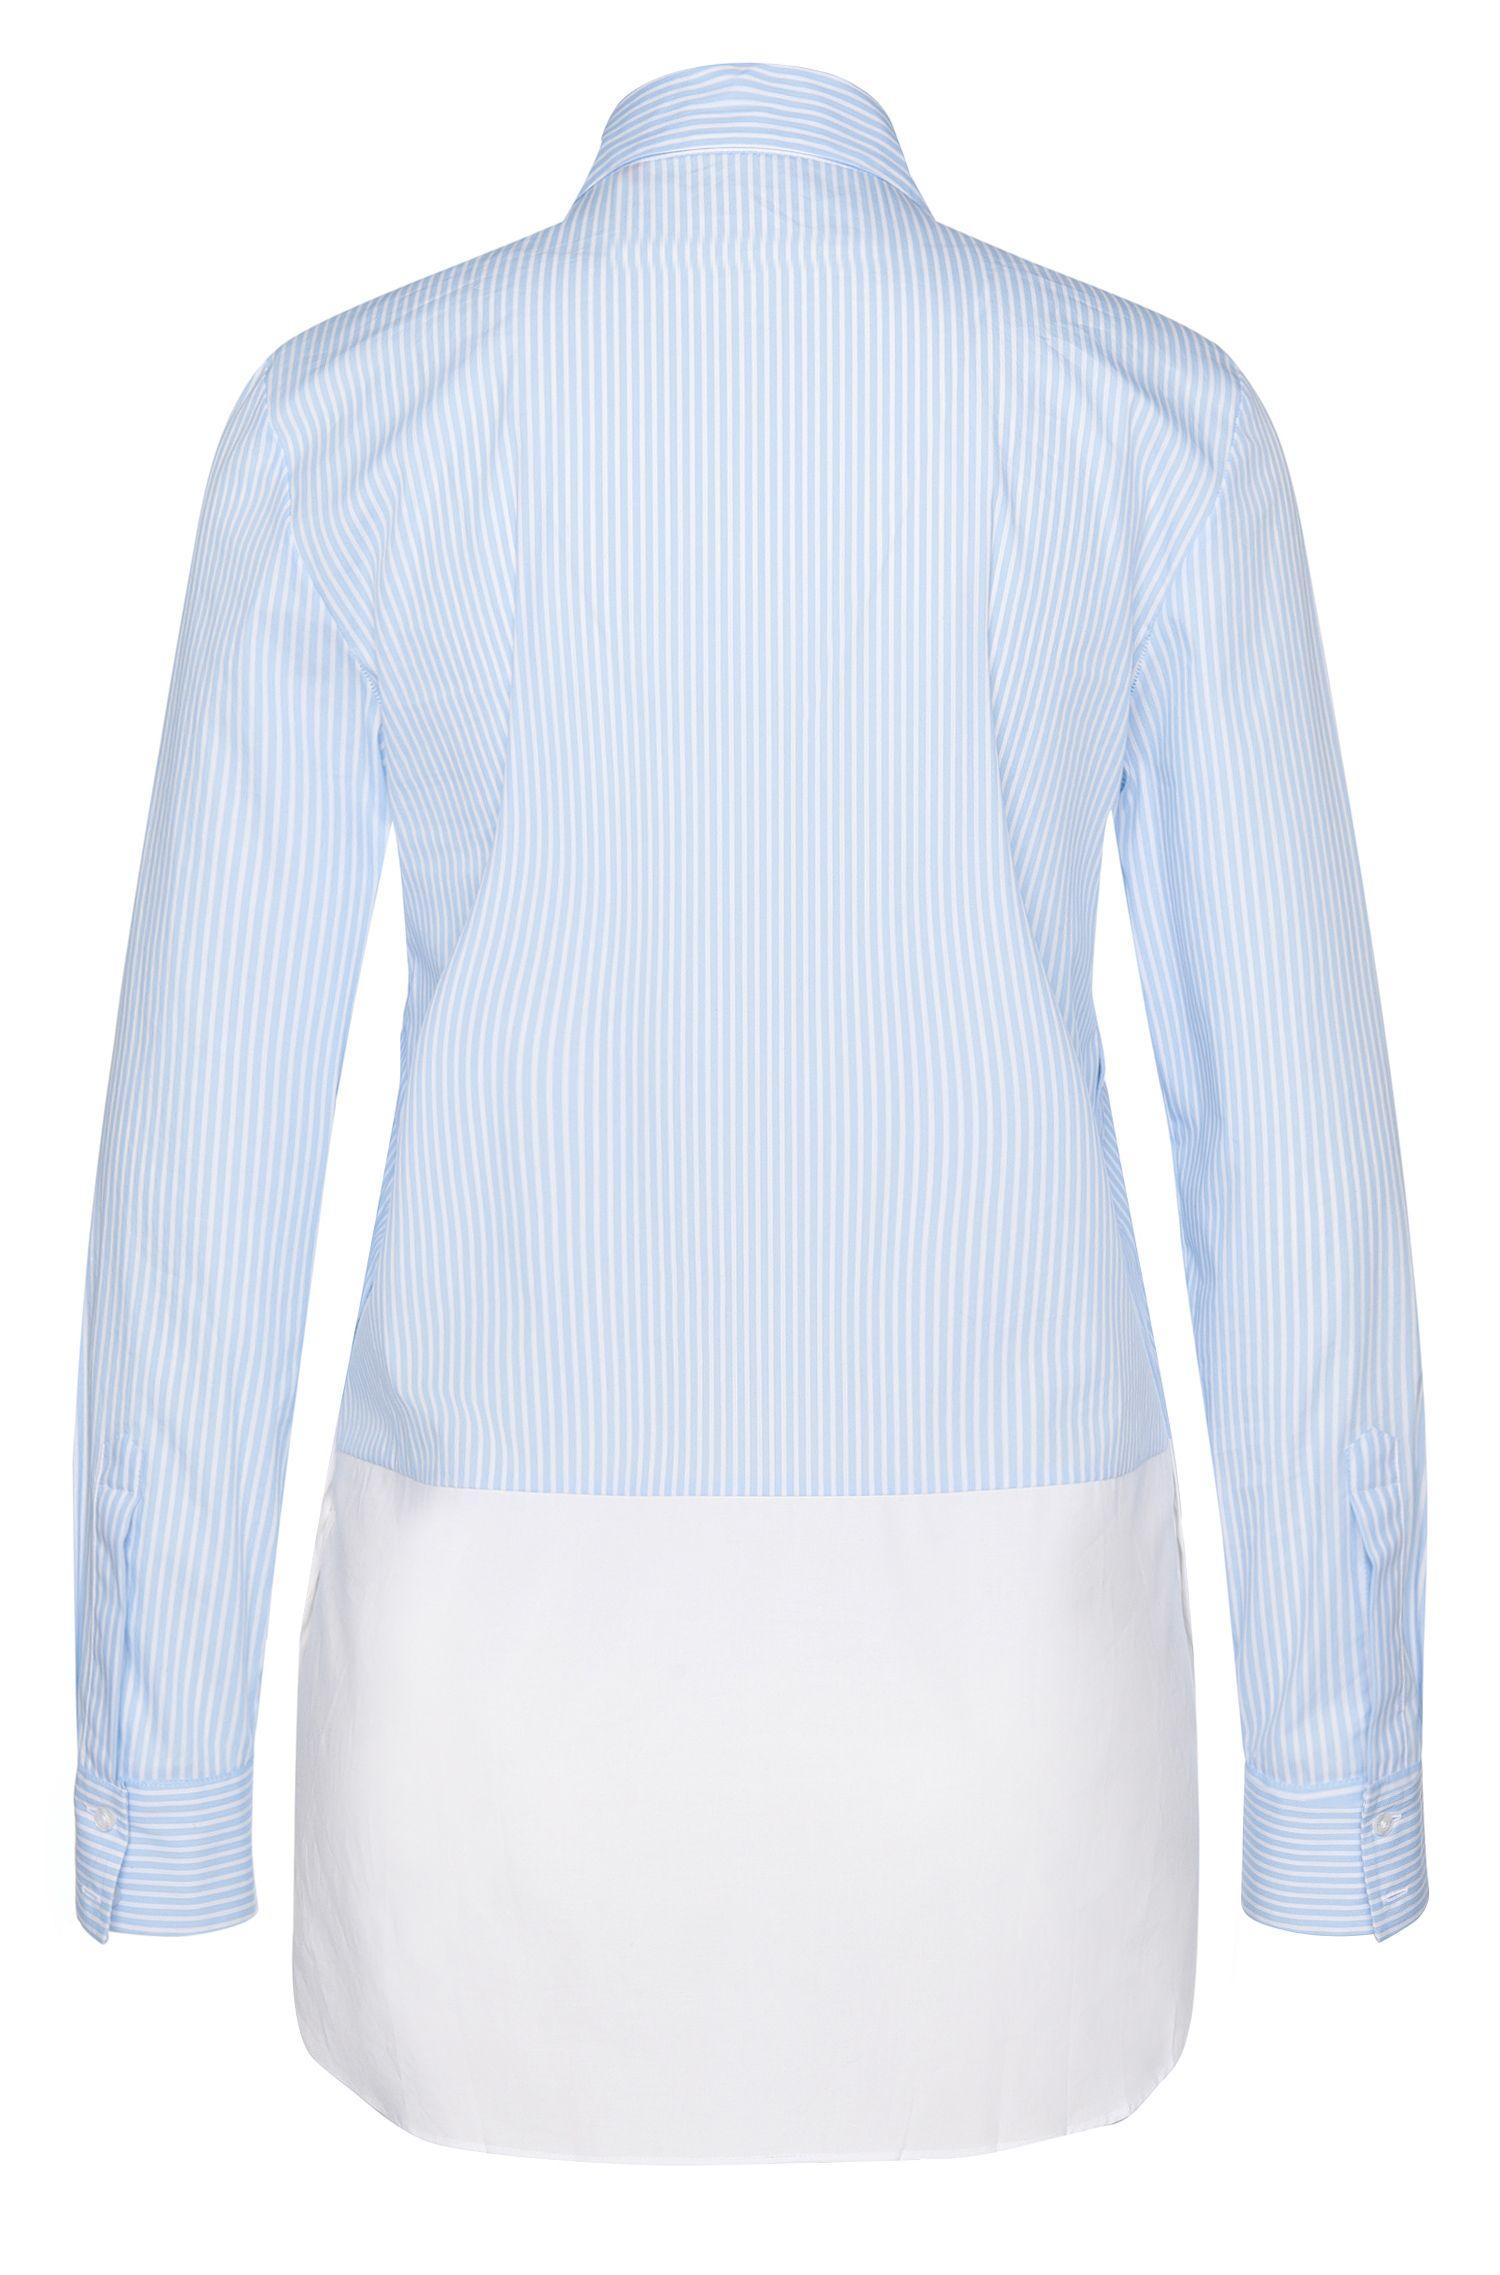 Gestreifte Bluse aus elastischem Baumwoll-Mix im Lagen-Look: 'Efibia'